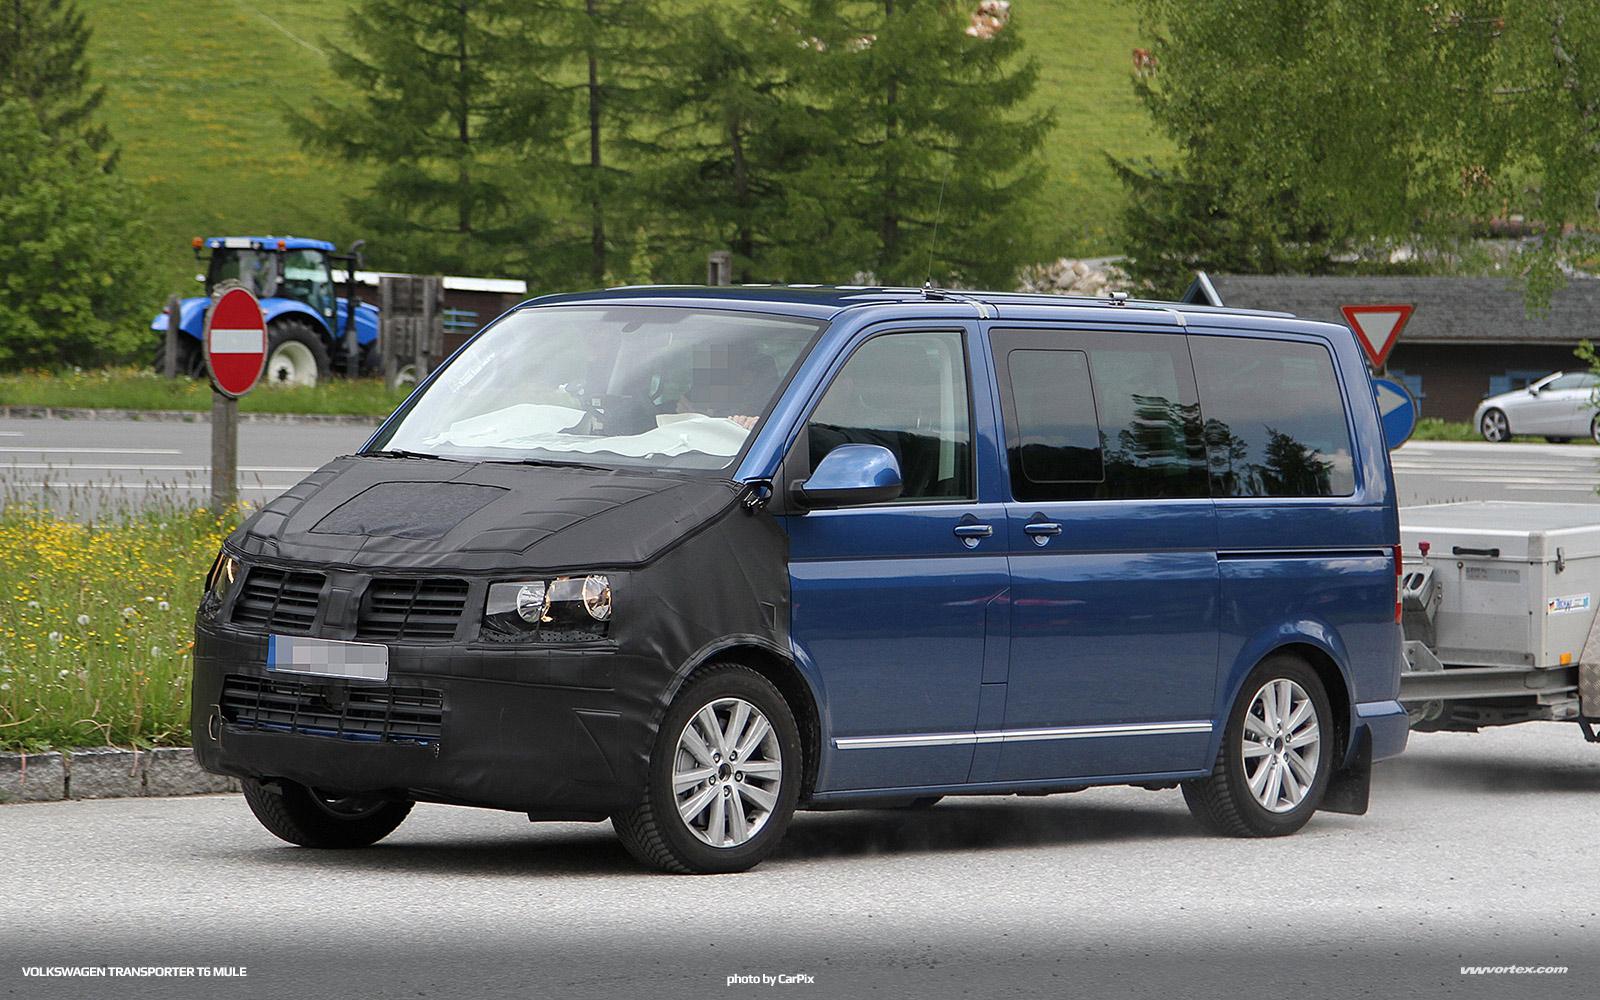 Volkswagen-Transporter-T6-mule-363